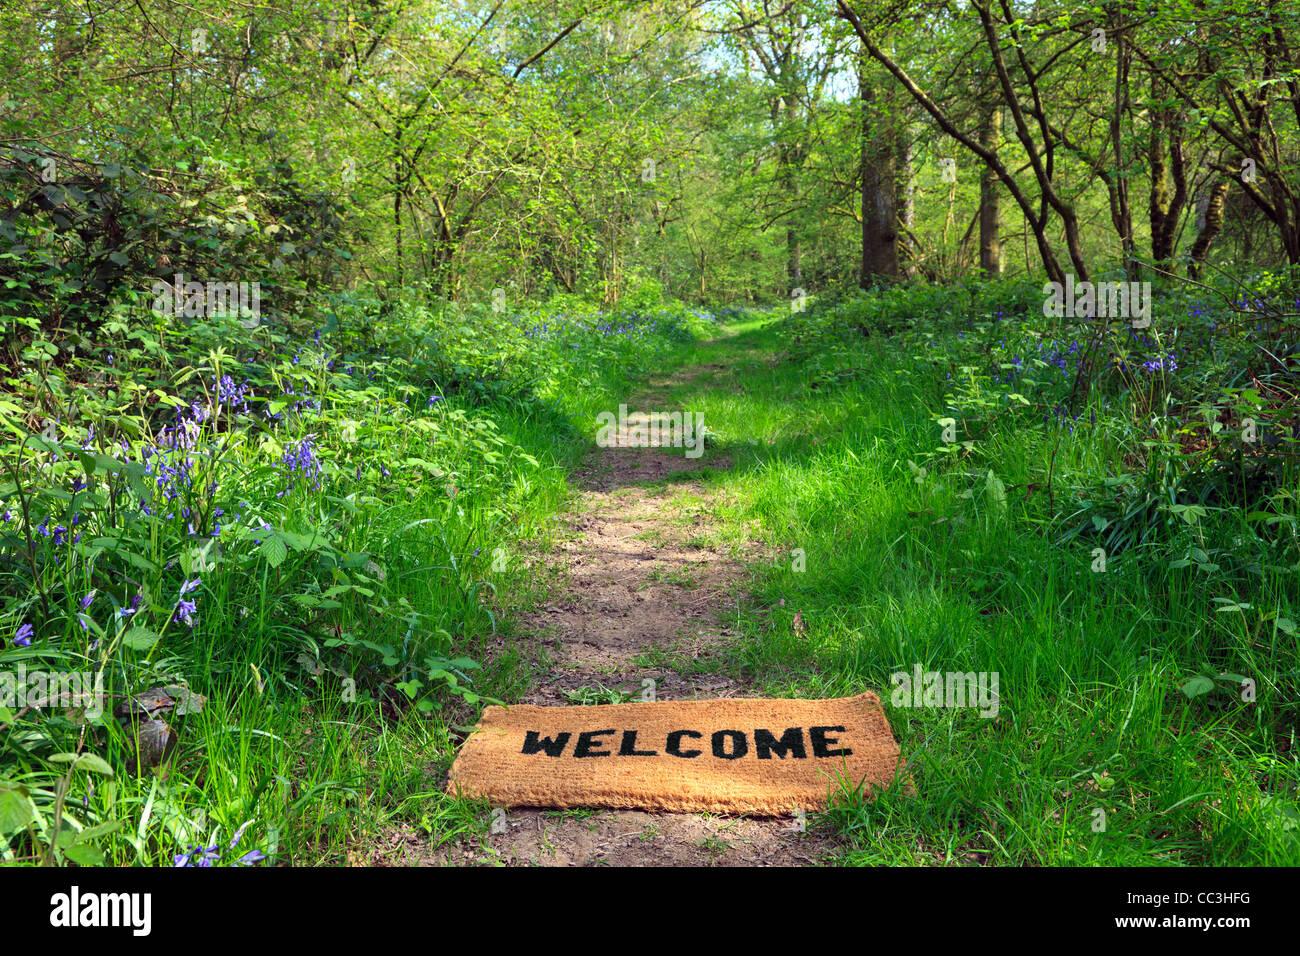 Konzept-Foto von Welcome Fußabtreter auf einem Wald Wanderweg im Frühling im Querformat. Stockfoto